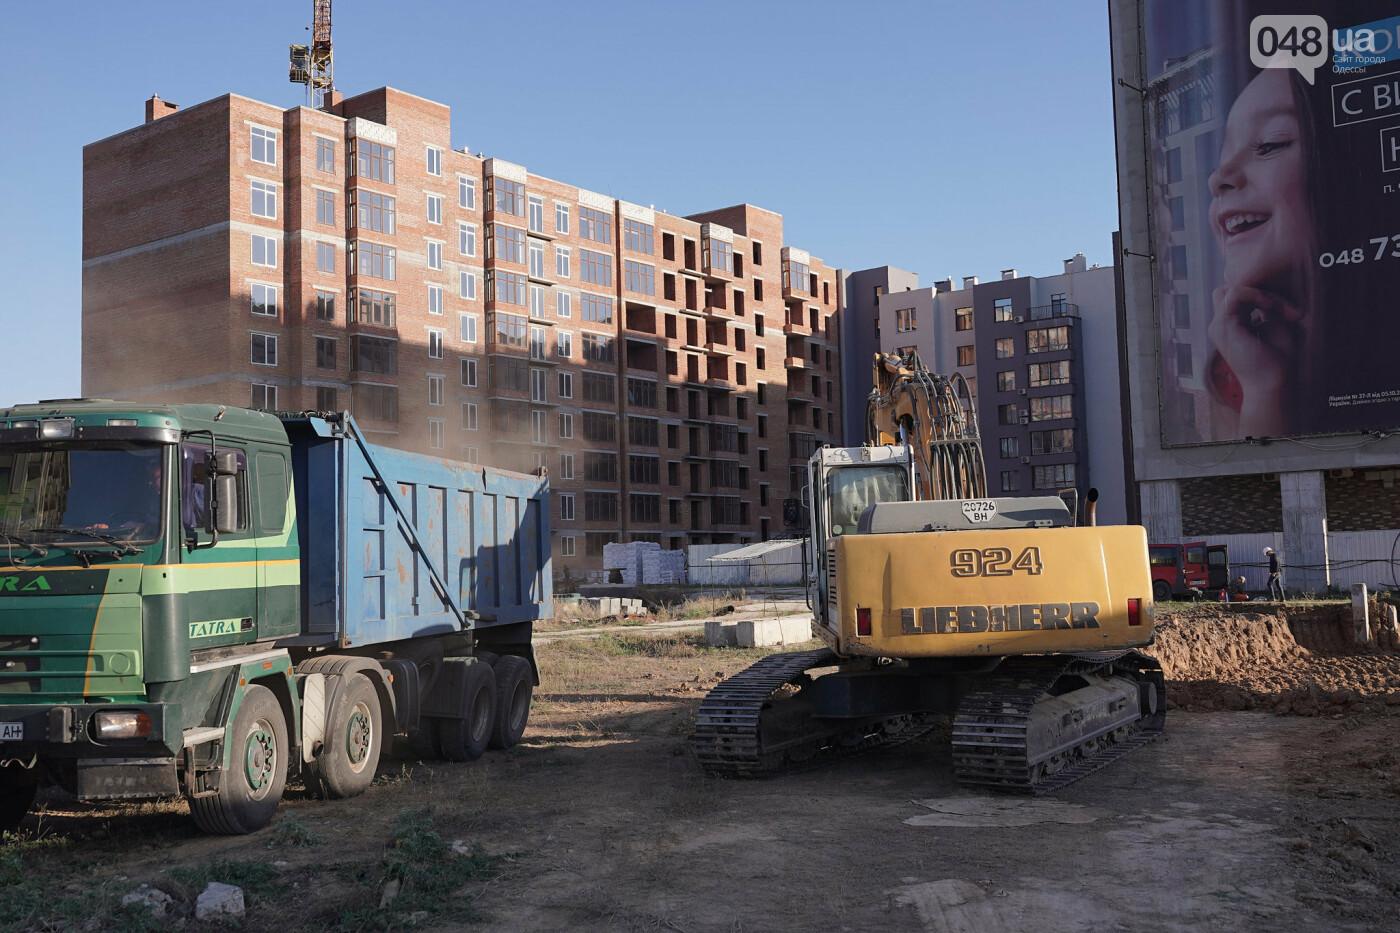 Очередной недострой в Одессе будет достроен и более 100 семей получат ключи от долгожданных квартир., фото-2